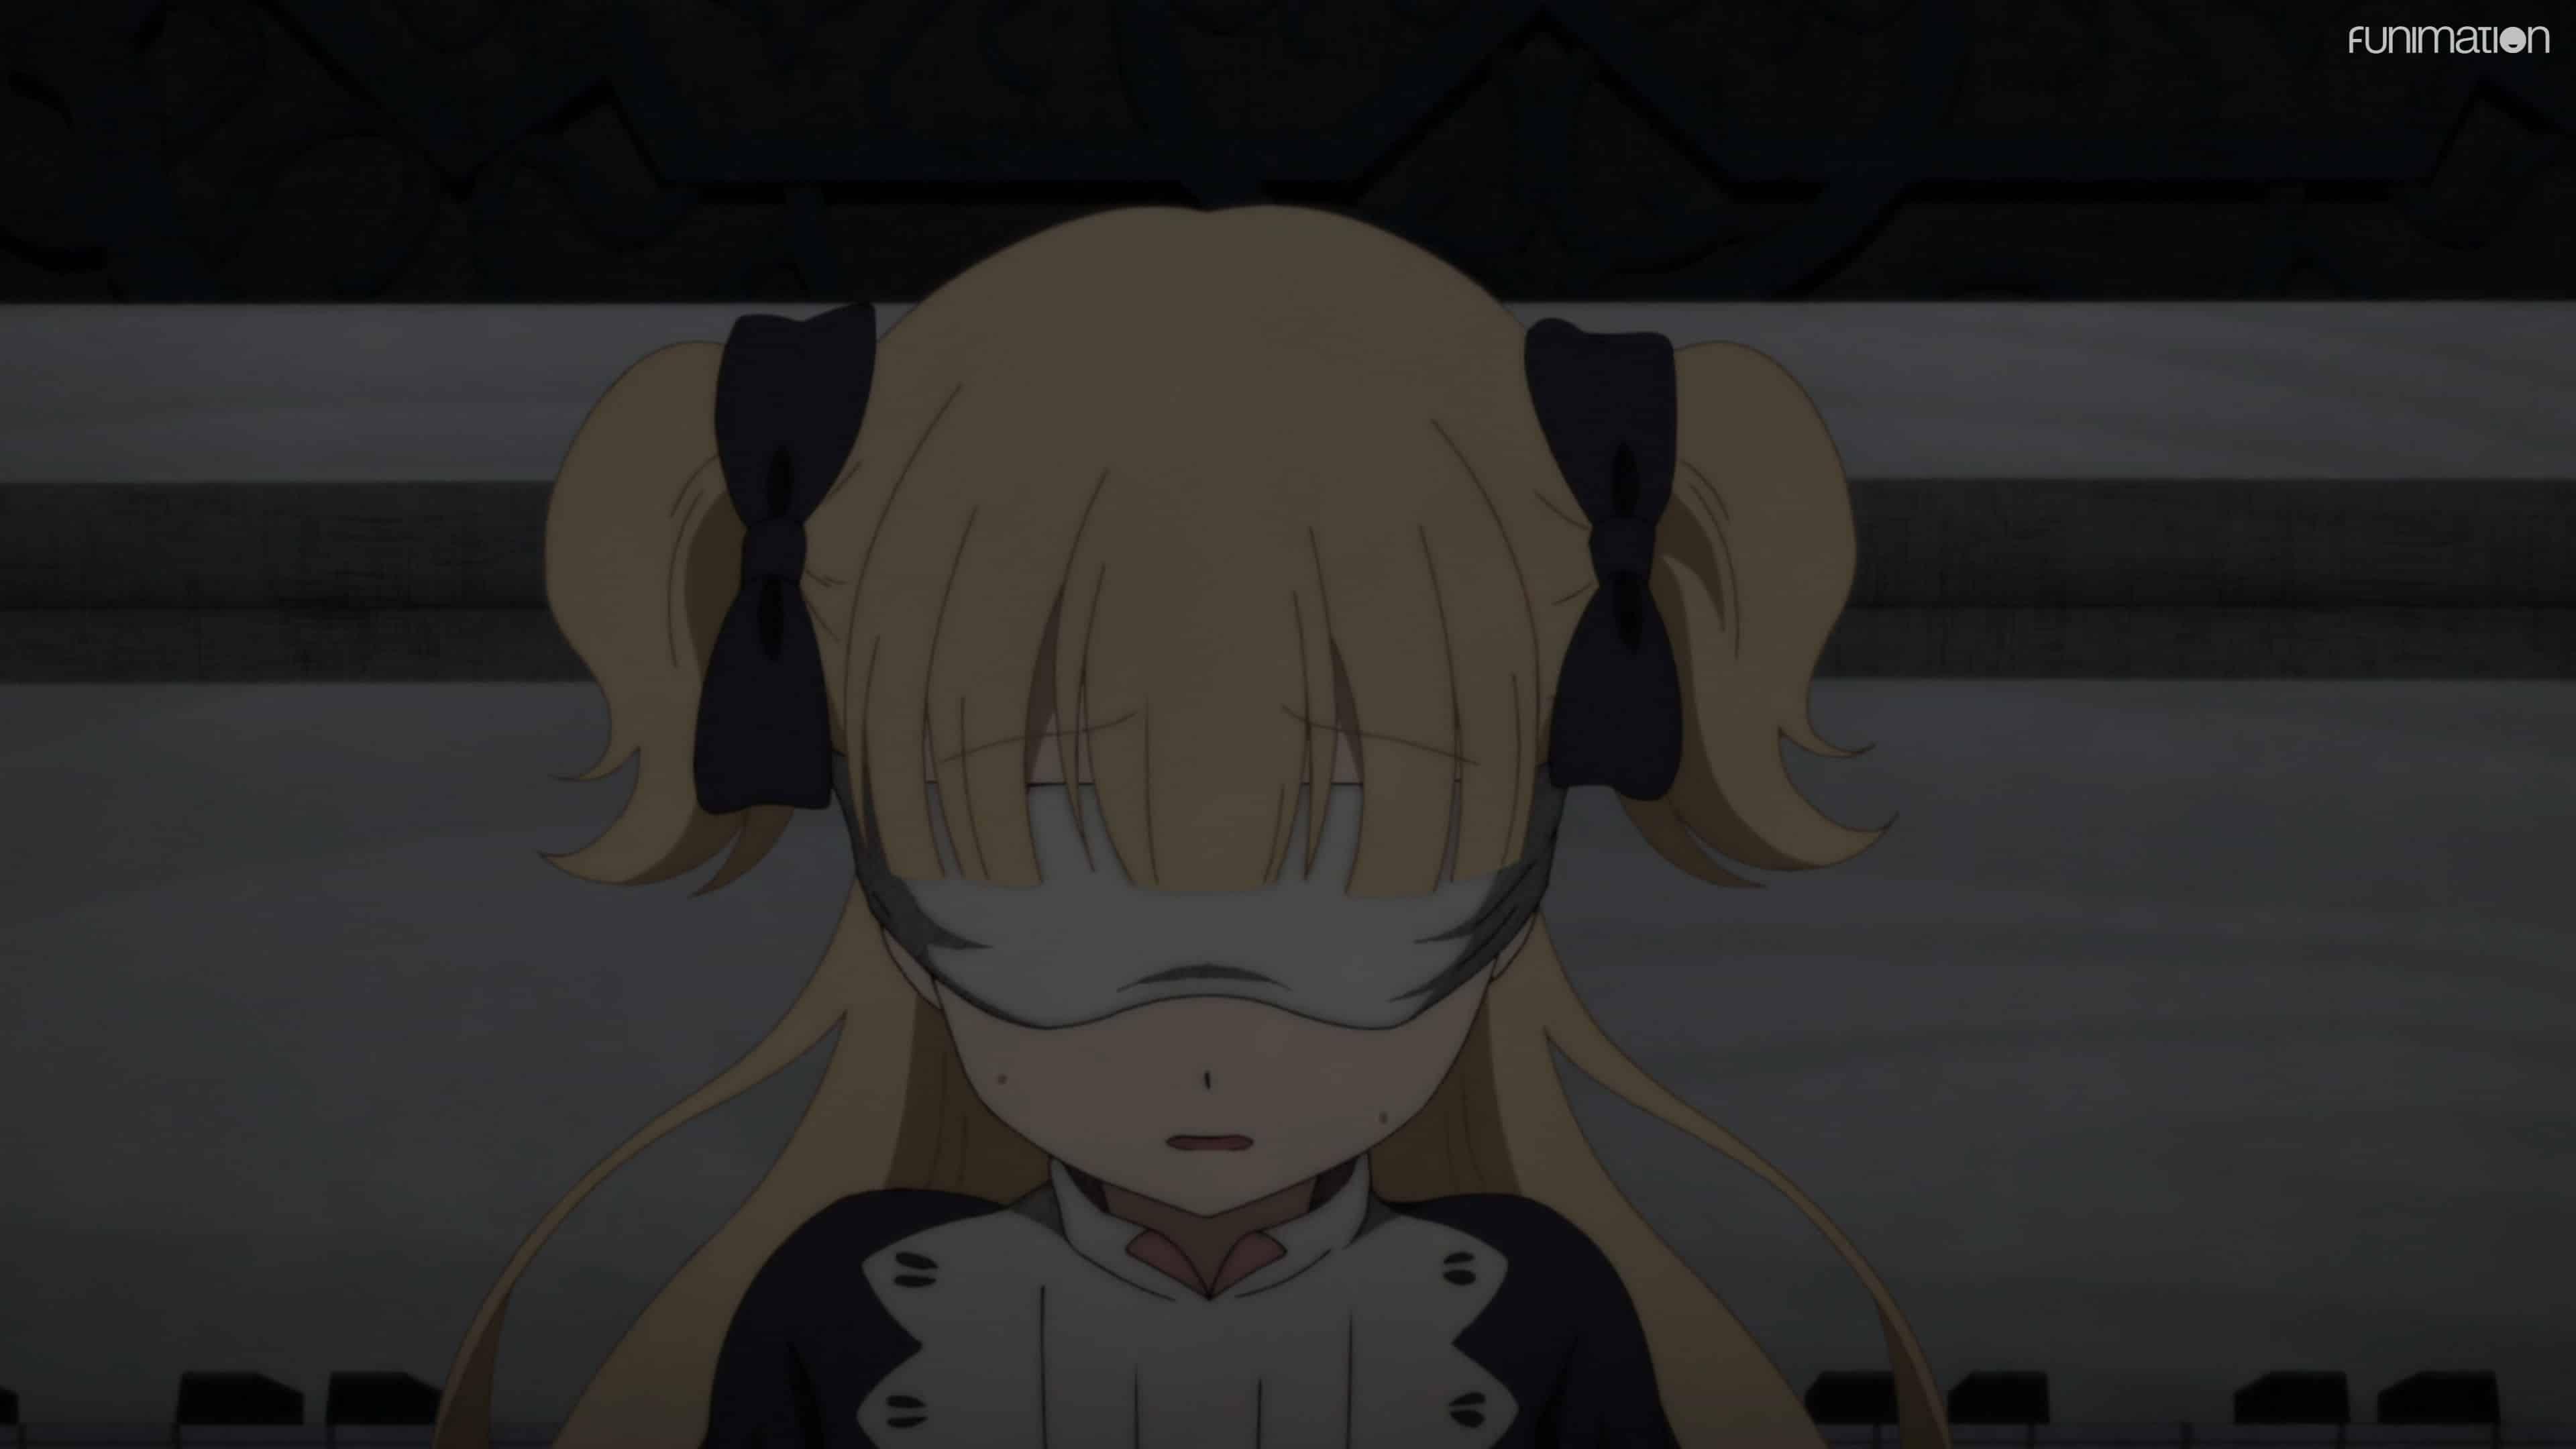 Emilico blindfolded